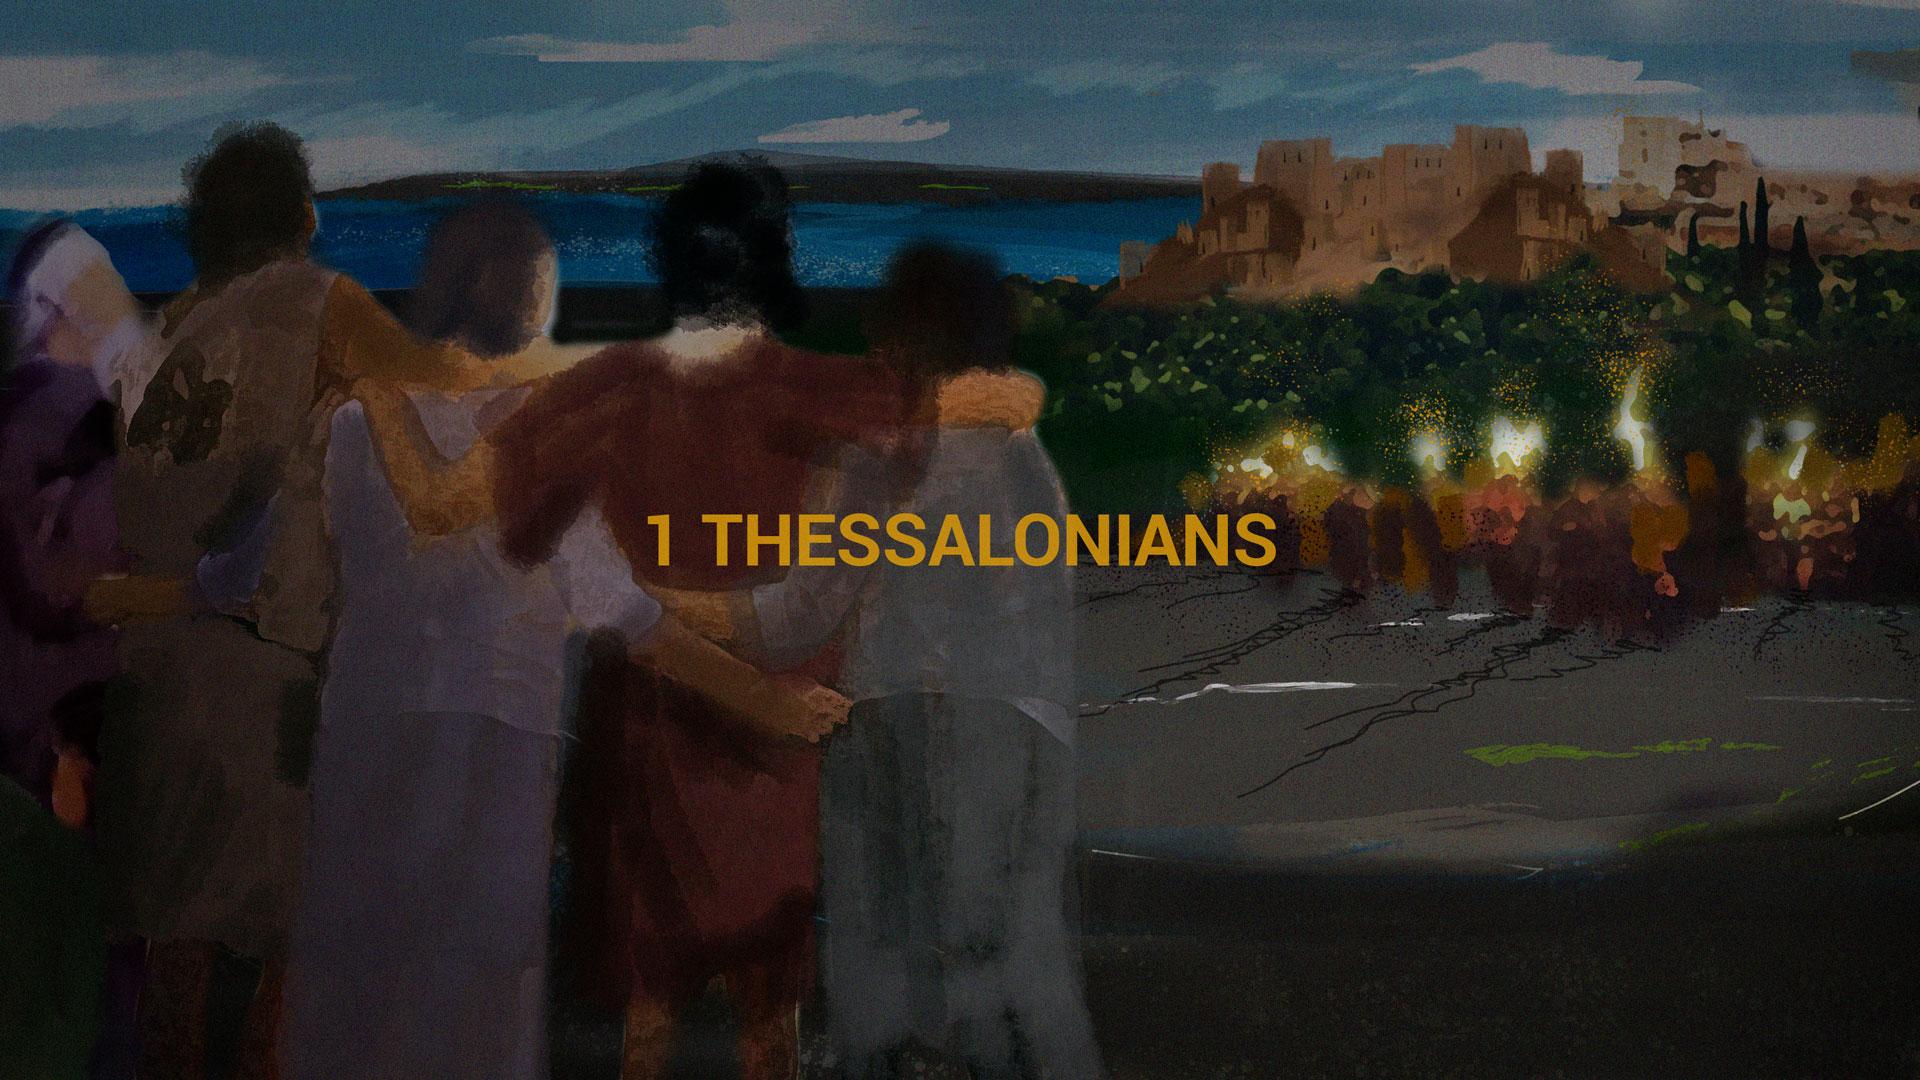 1thessalonians_1_main.jpg